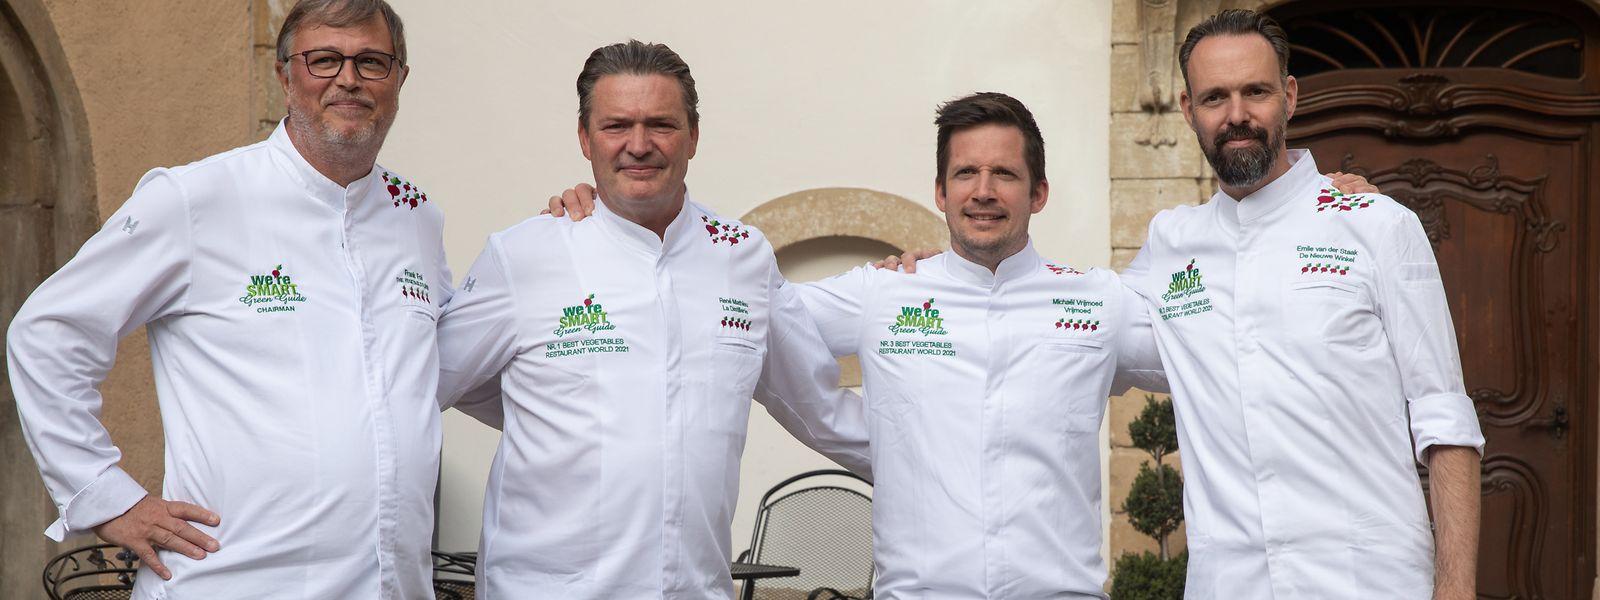 """Ausgezeichnete Köche (von links): Frank Fol, Gründer von """"We're smart green"""", René Mathieu (Platz1), Michael Vrijmoed (Platz 3) und Emile van der Staak (Platz 2)."""